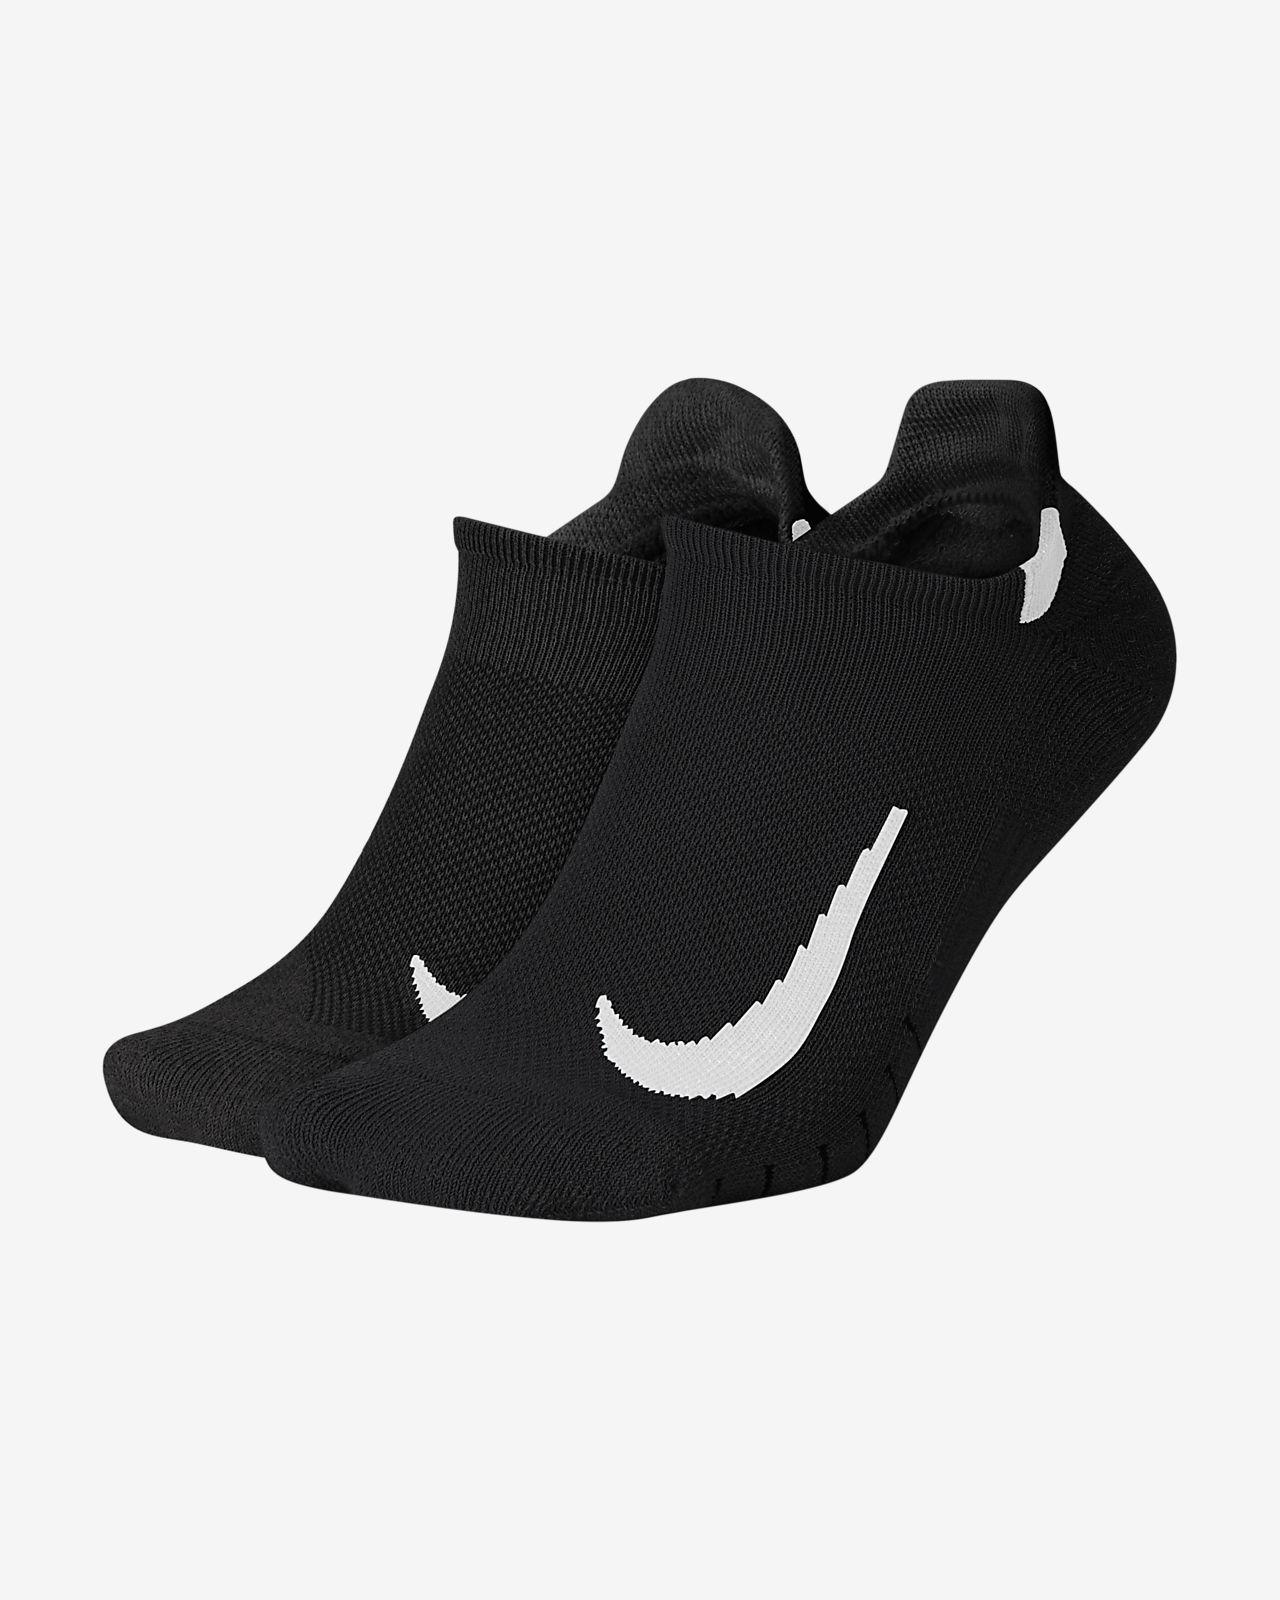 Meias Nike Multiplier No-Show (2 pares)